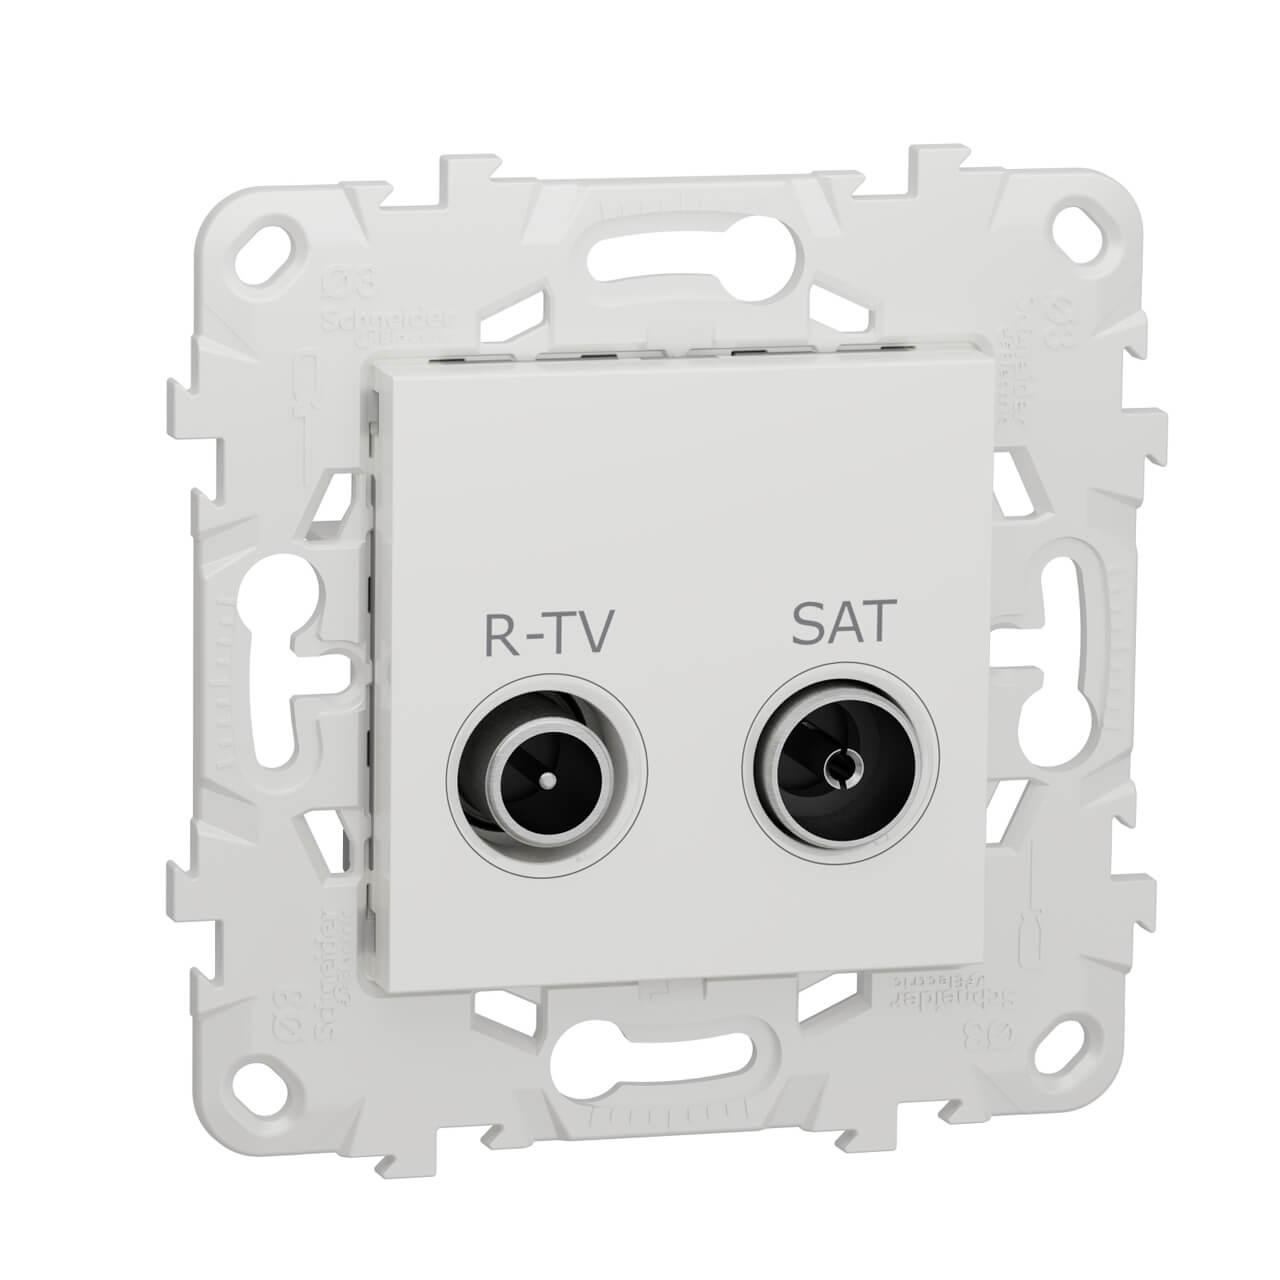 цена на Розетка R-TV/SAT одиночная Schneider Electric Unica New NU545418